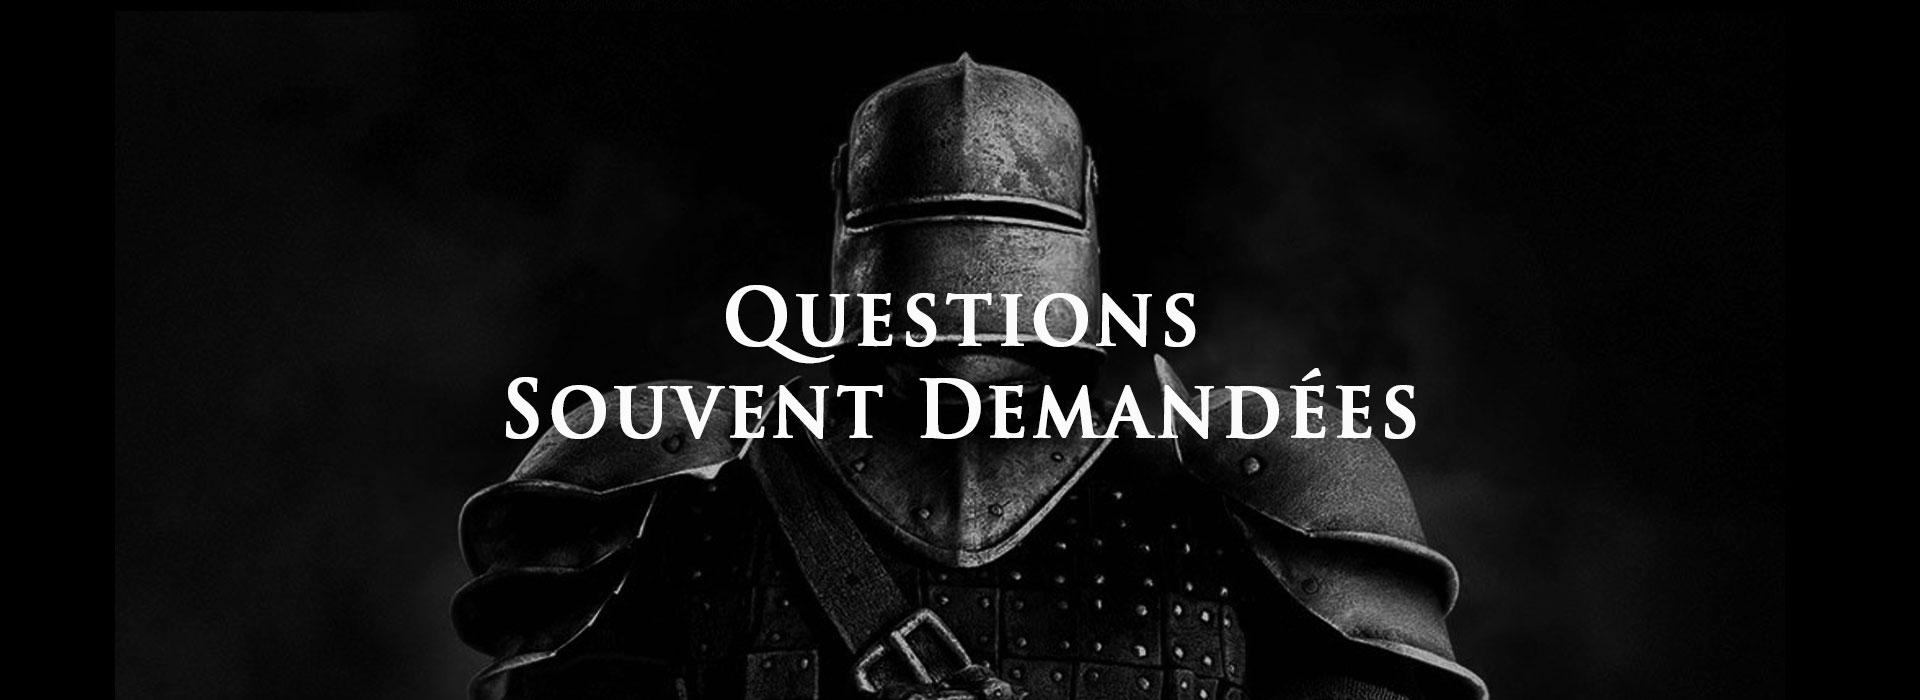 questions-souvent-demandées-banniere